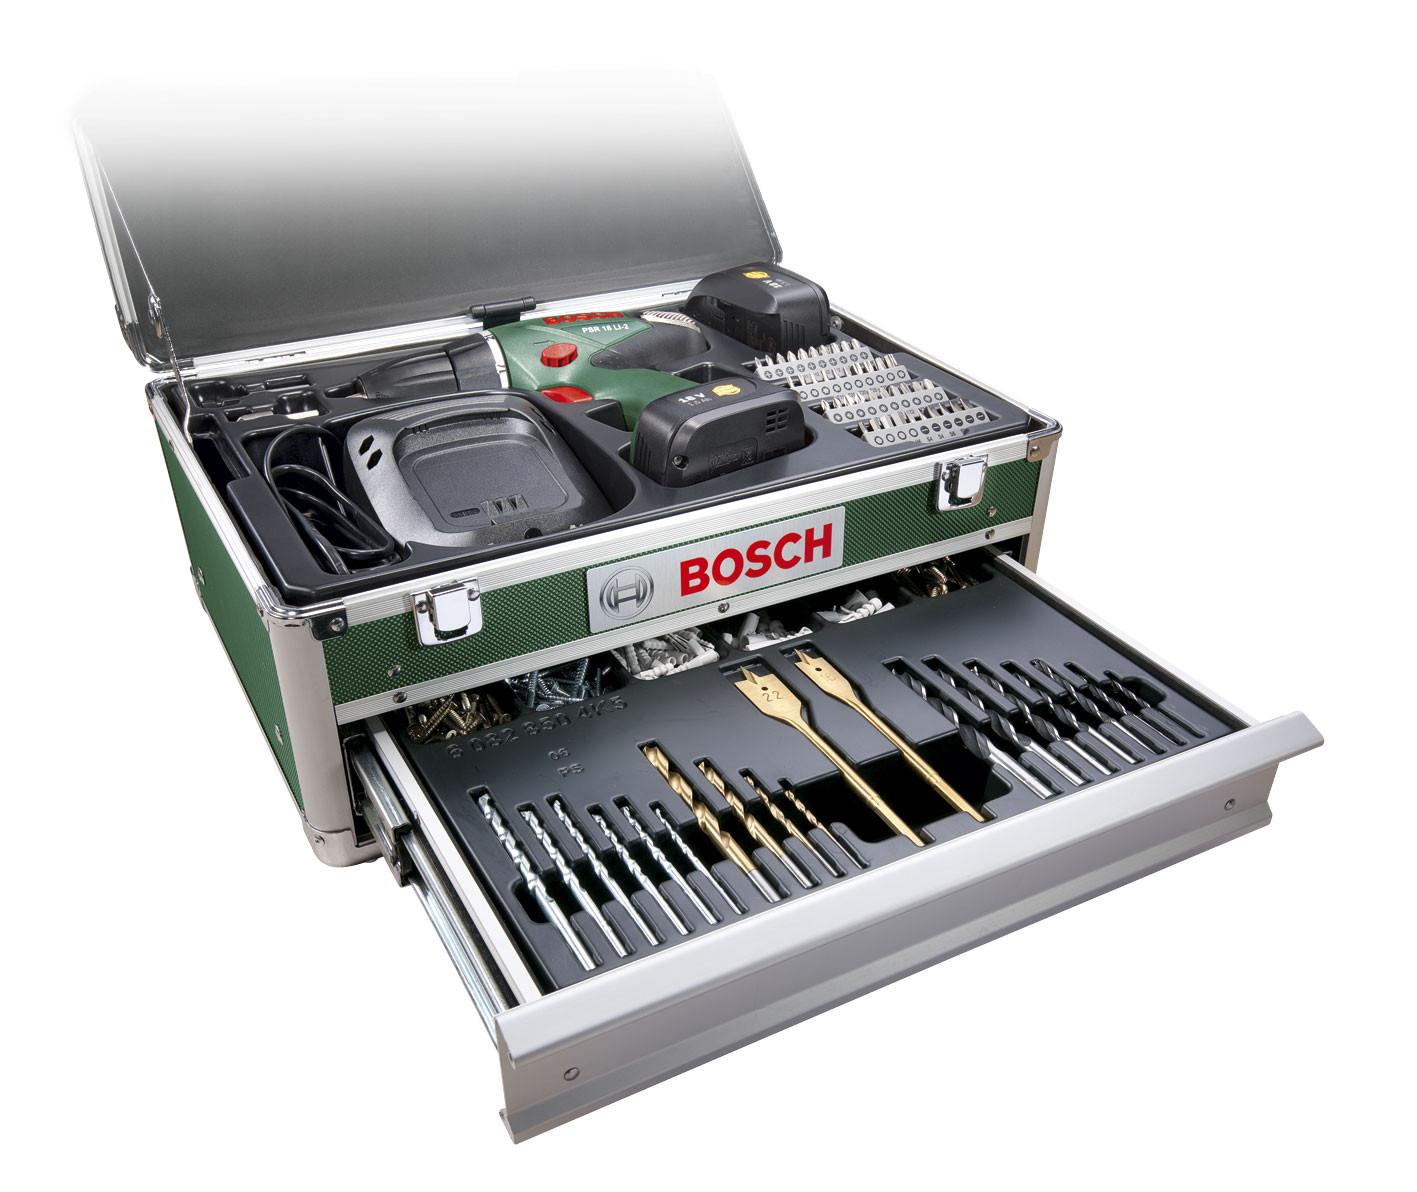 Bosch psr 18 li 2 241 delige toolbox - Bosch psr 18 li 2 ...